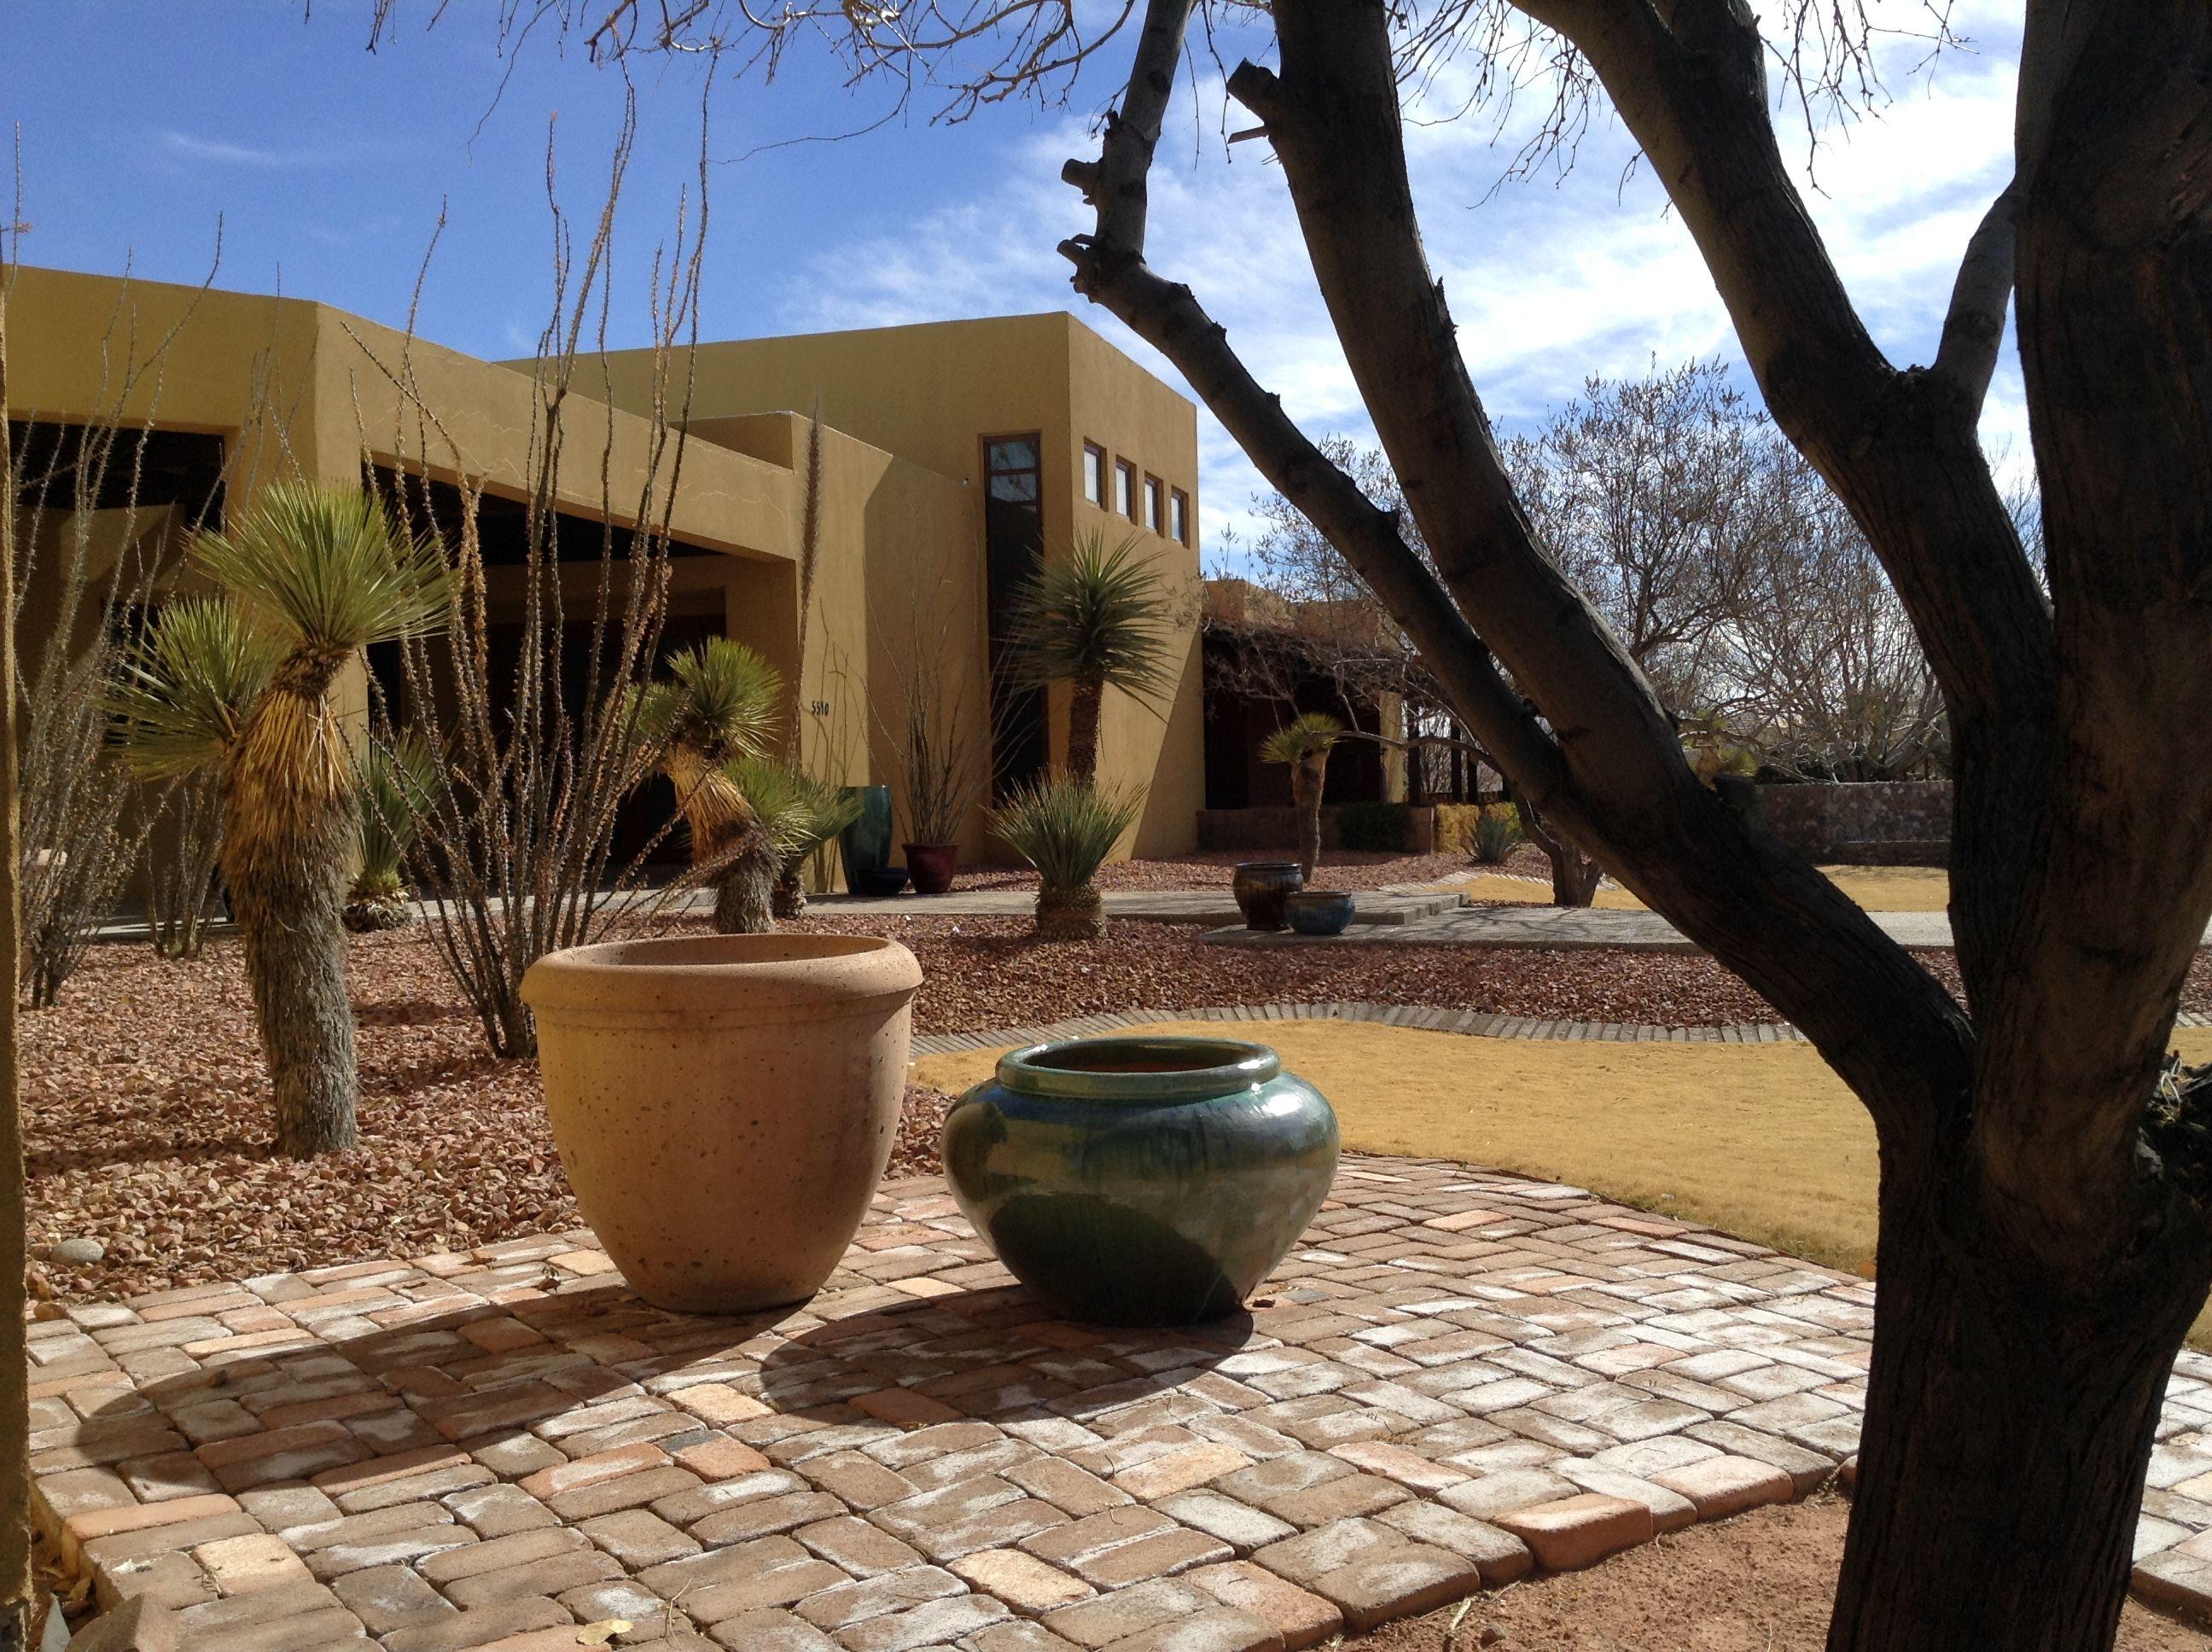 Desert Landscape With Big Clay Pots At El Paso Texas By Studio Ig